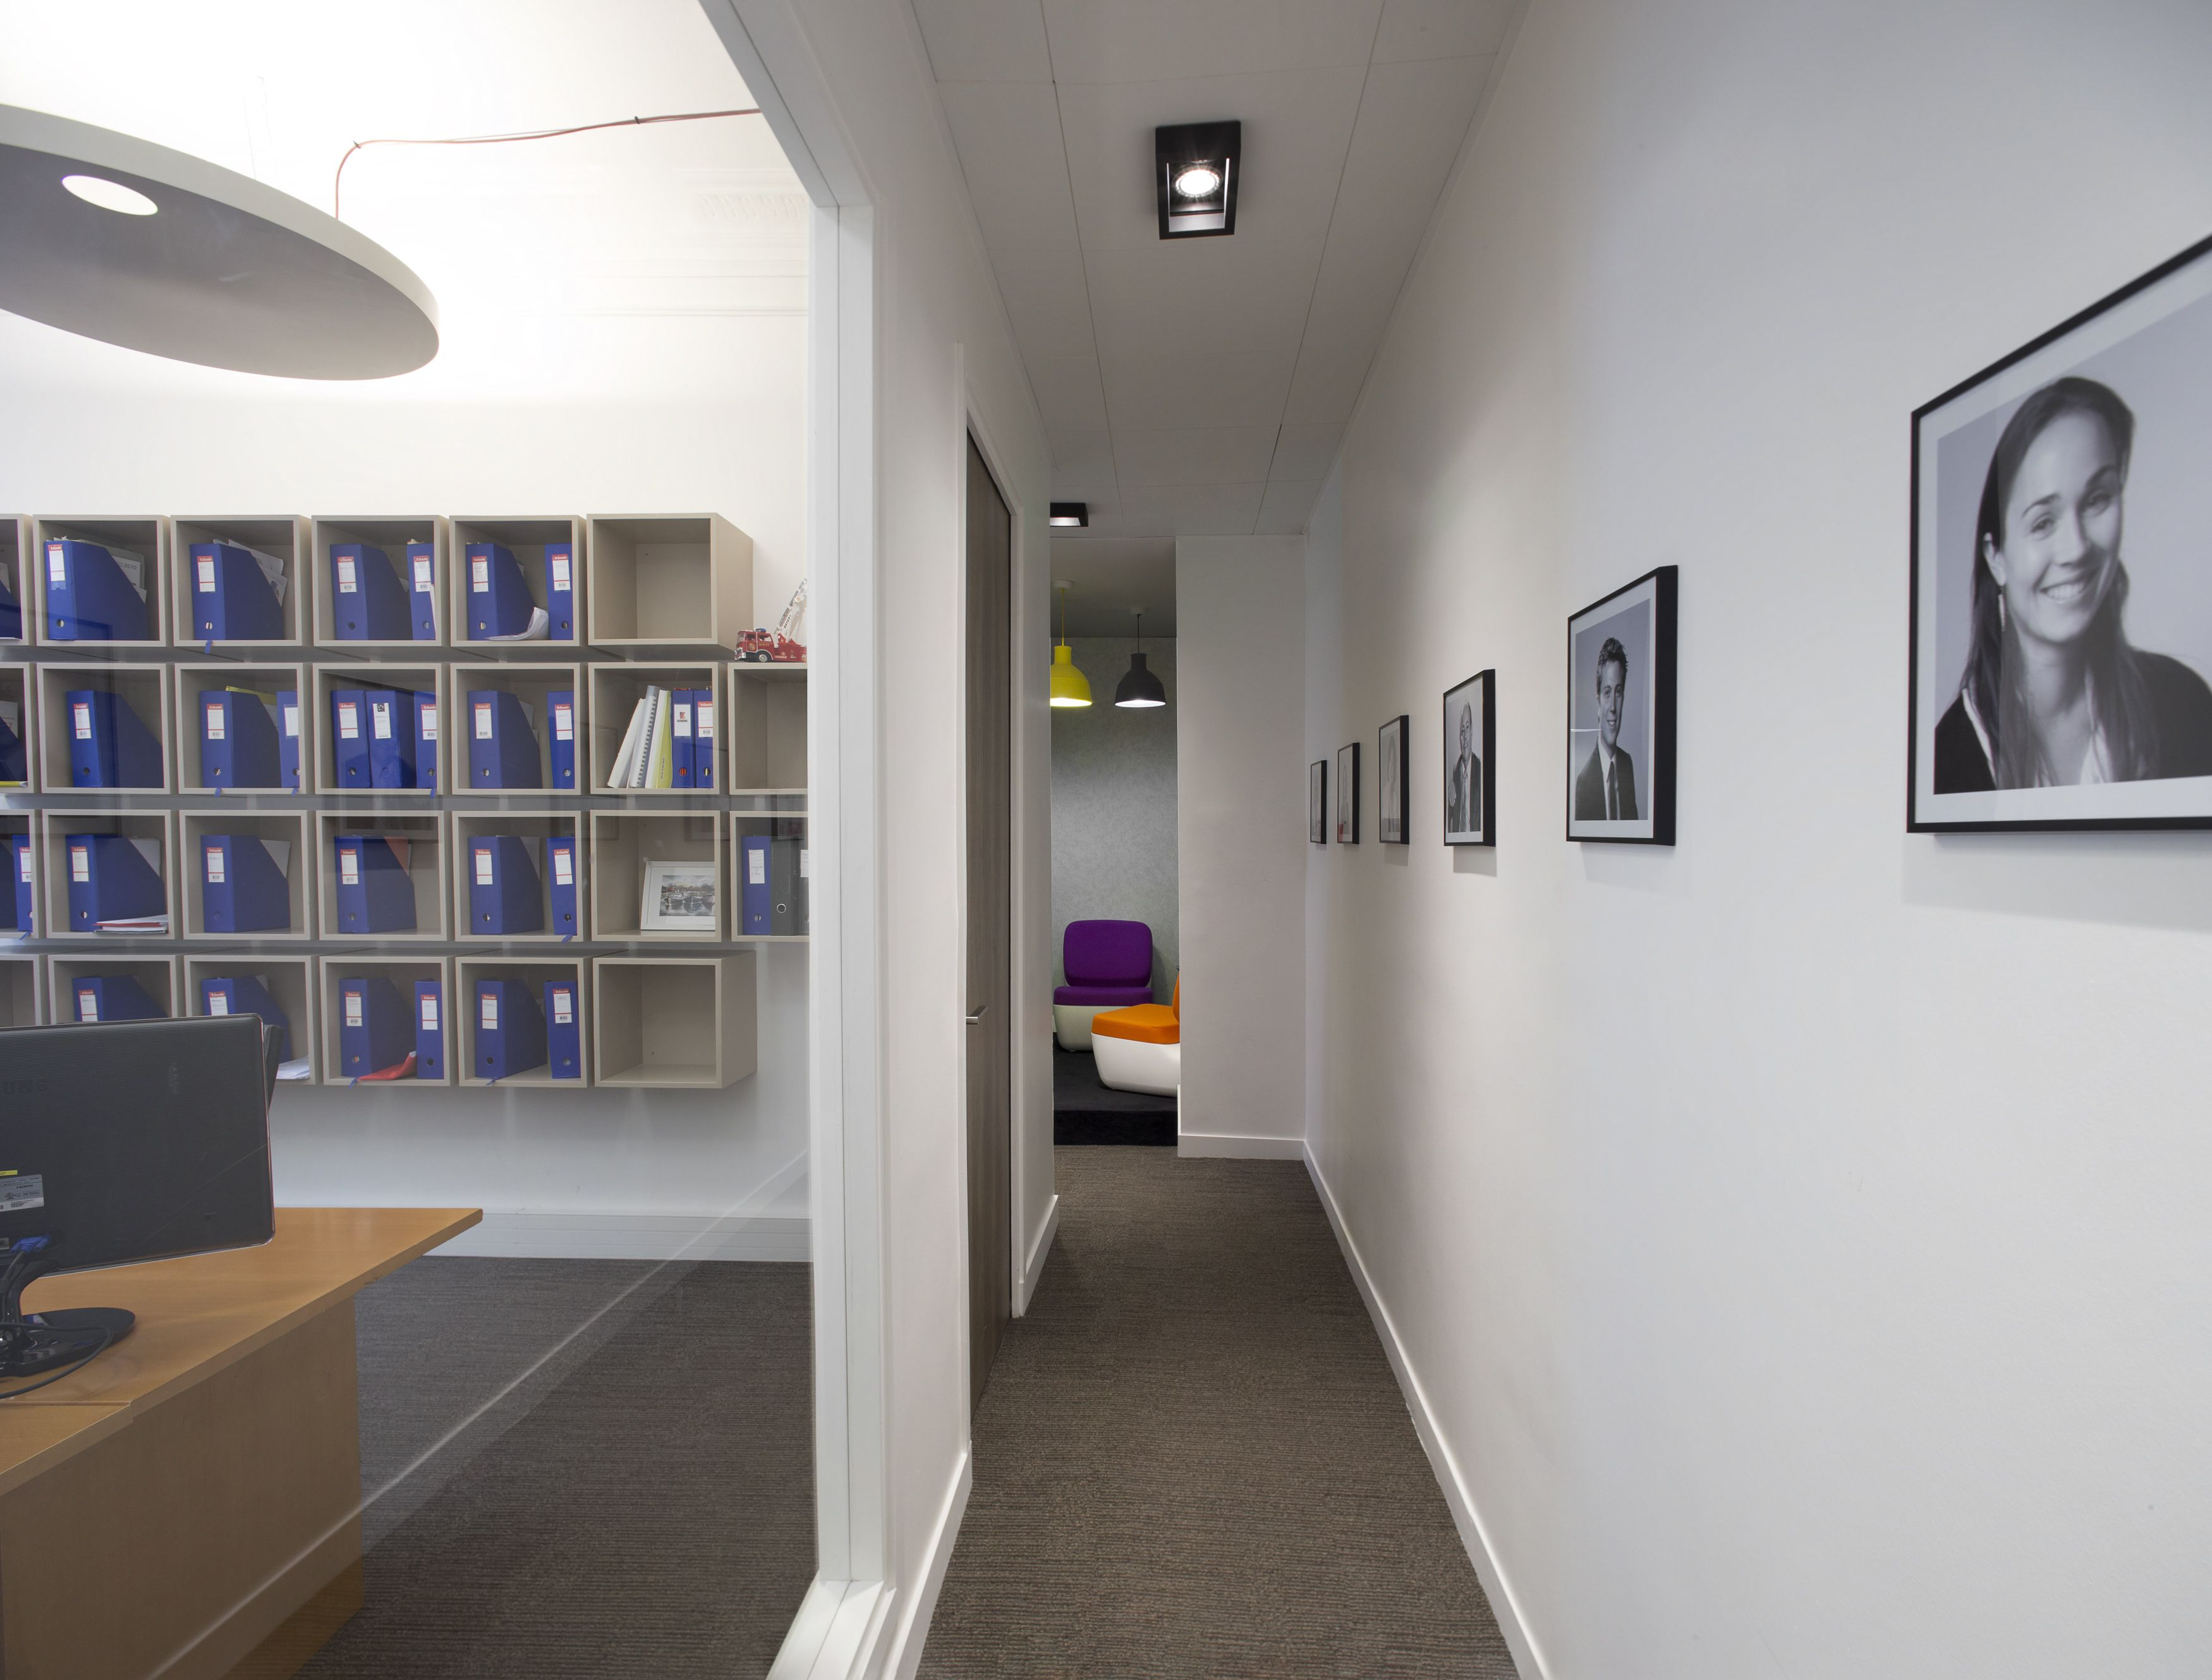 Marvelous Hallway Decoration Architectured By Cléram. #style #design #bureau  #architecture #aménagement